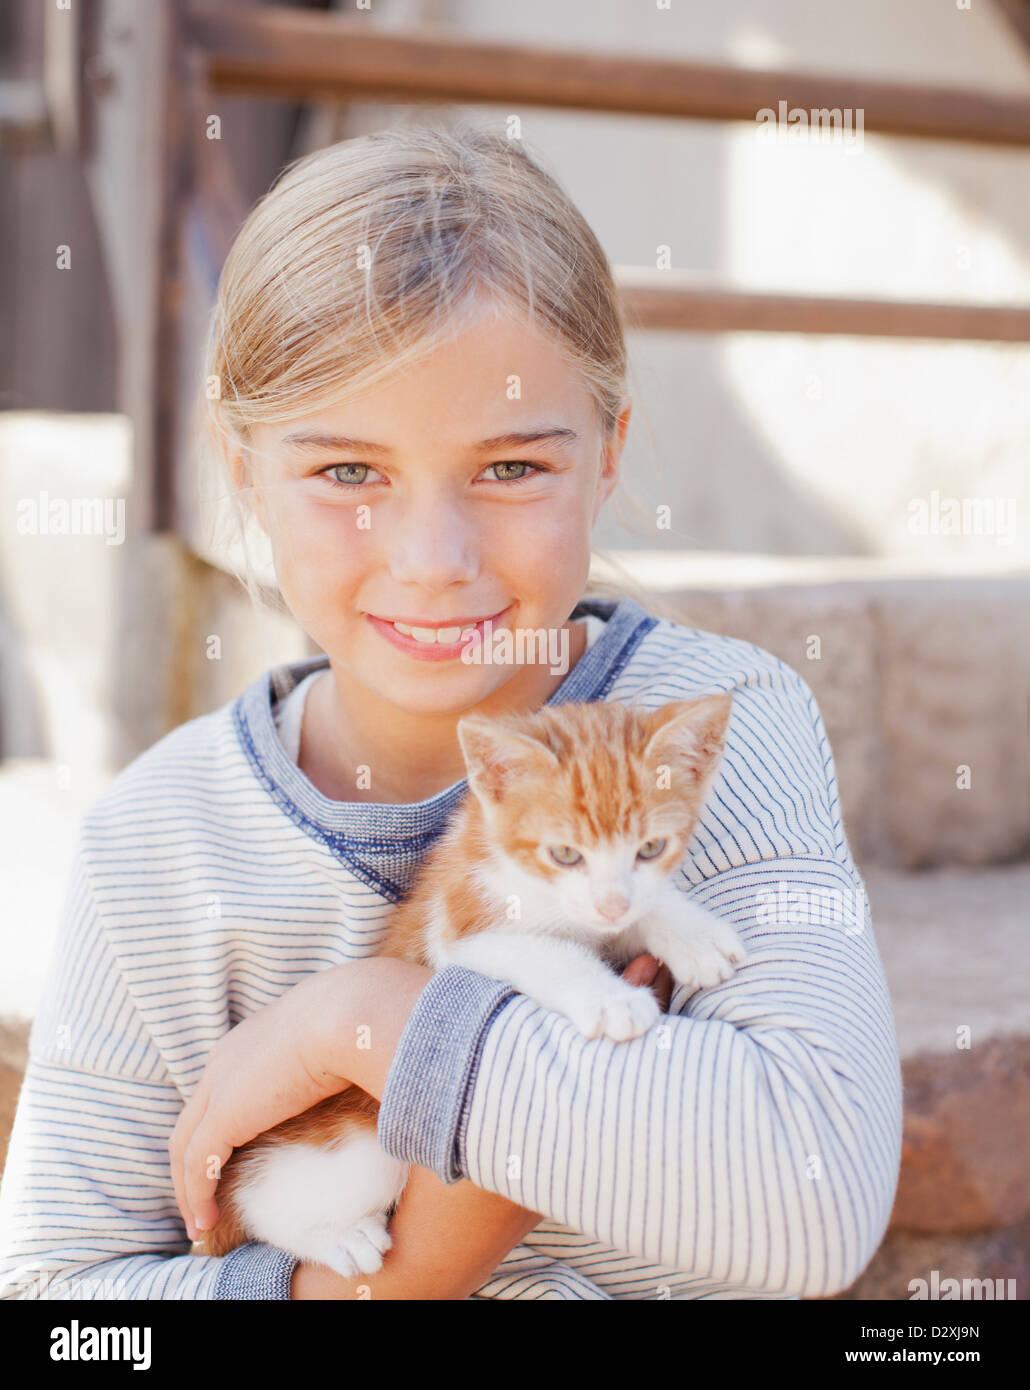 Portrait of smiling girl holding kitten - Stock Image